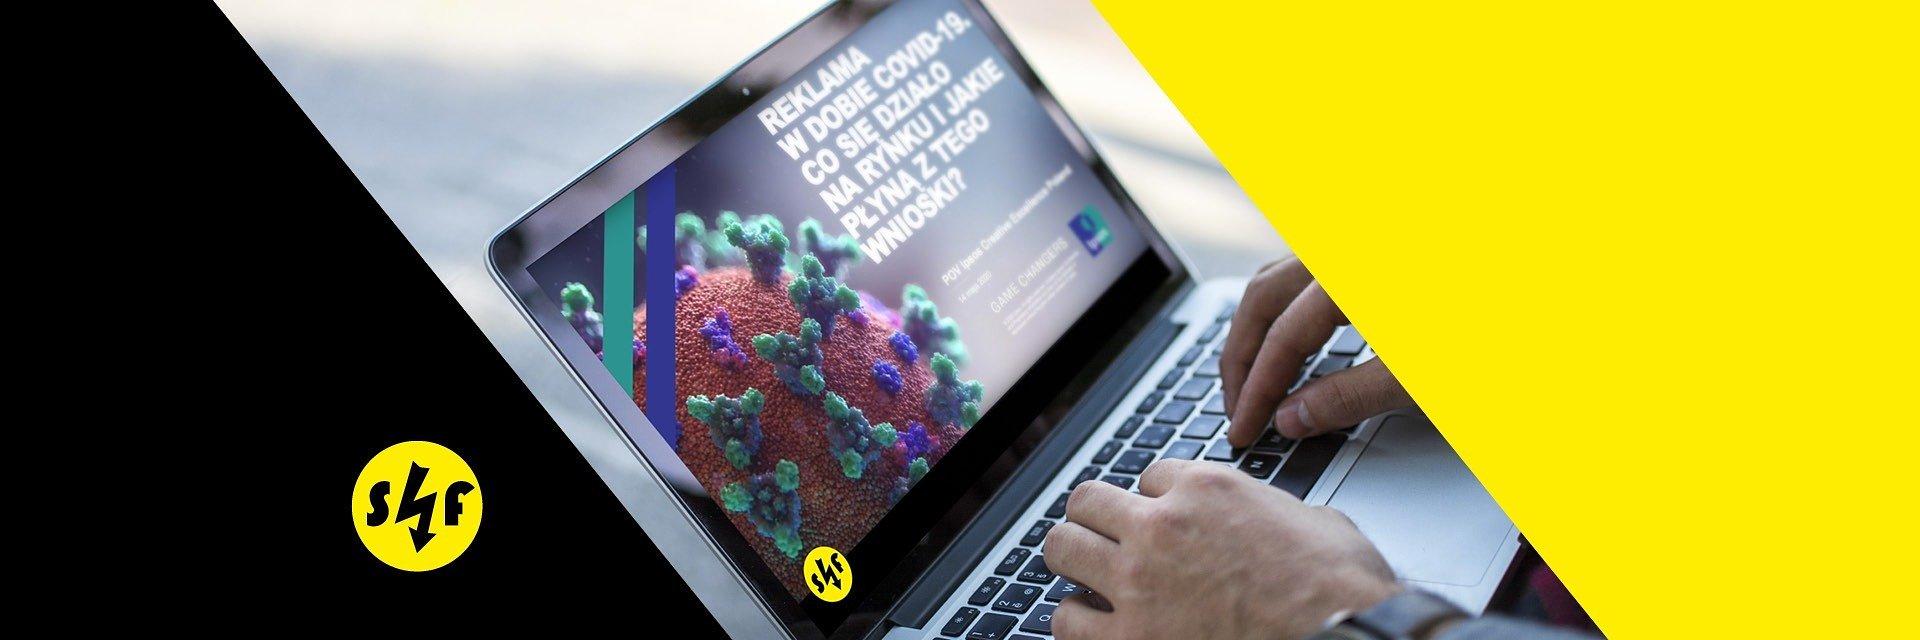 Reklamy Scholz & Friends Warszawa dla marki Plus podczas pandemii z pozytywną opinią w raporcie IPSOS